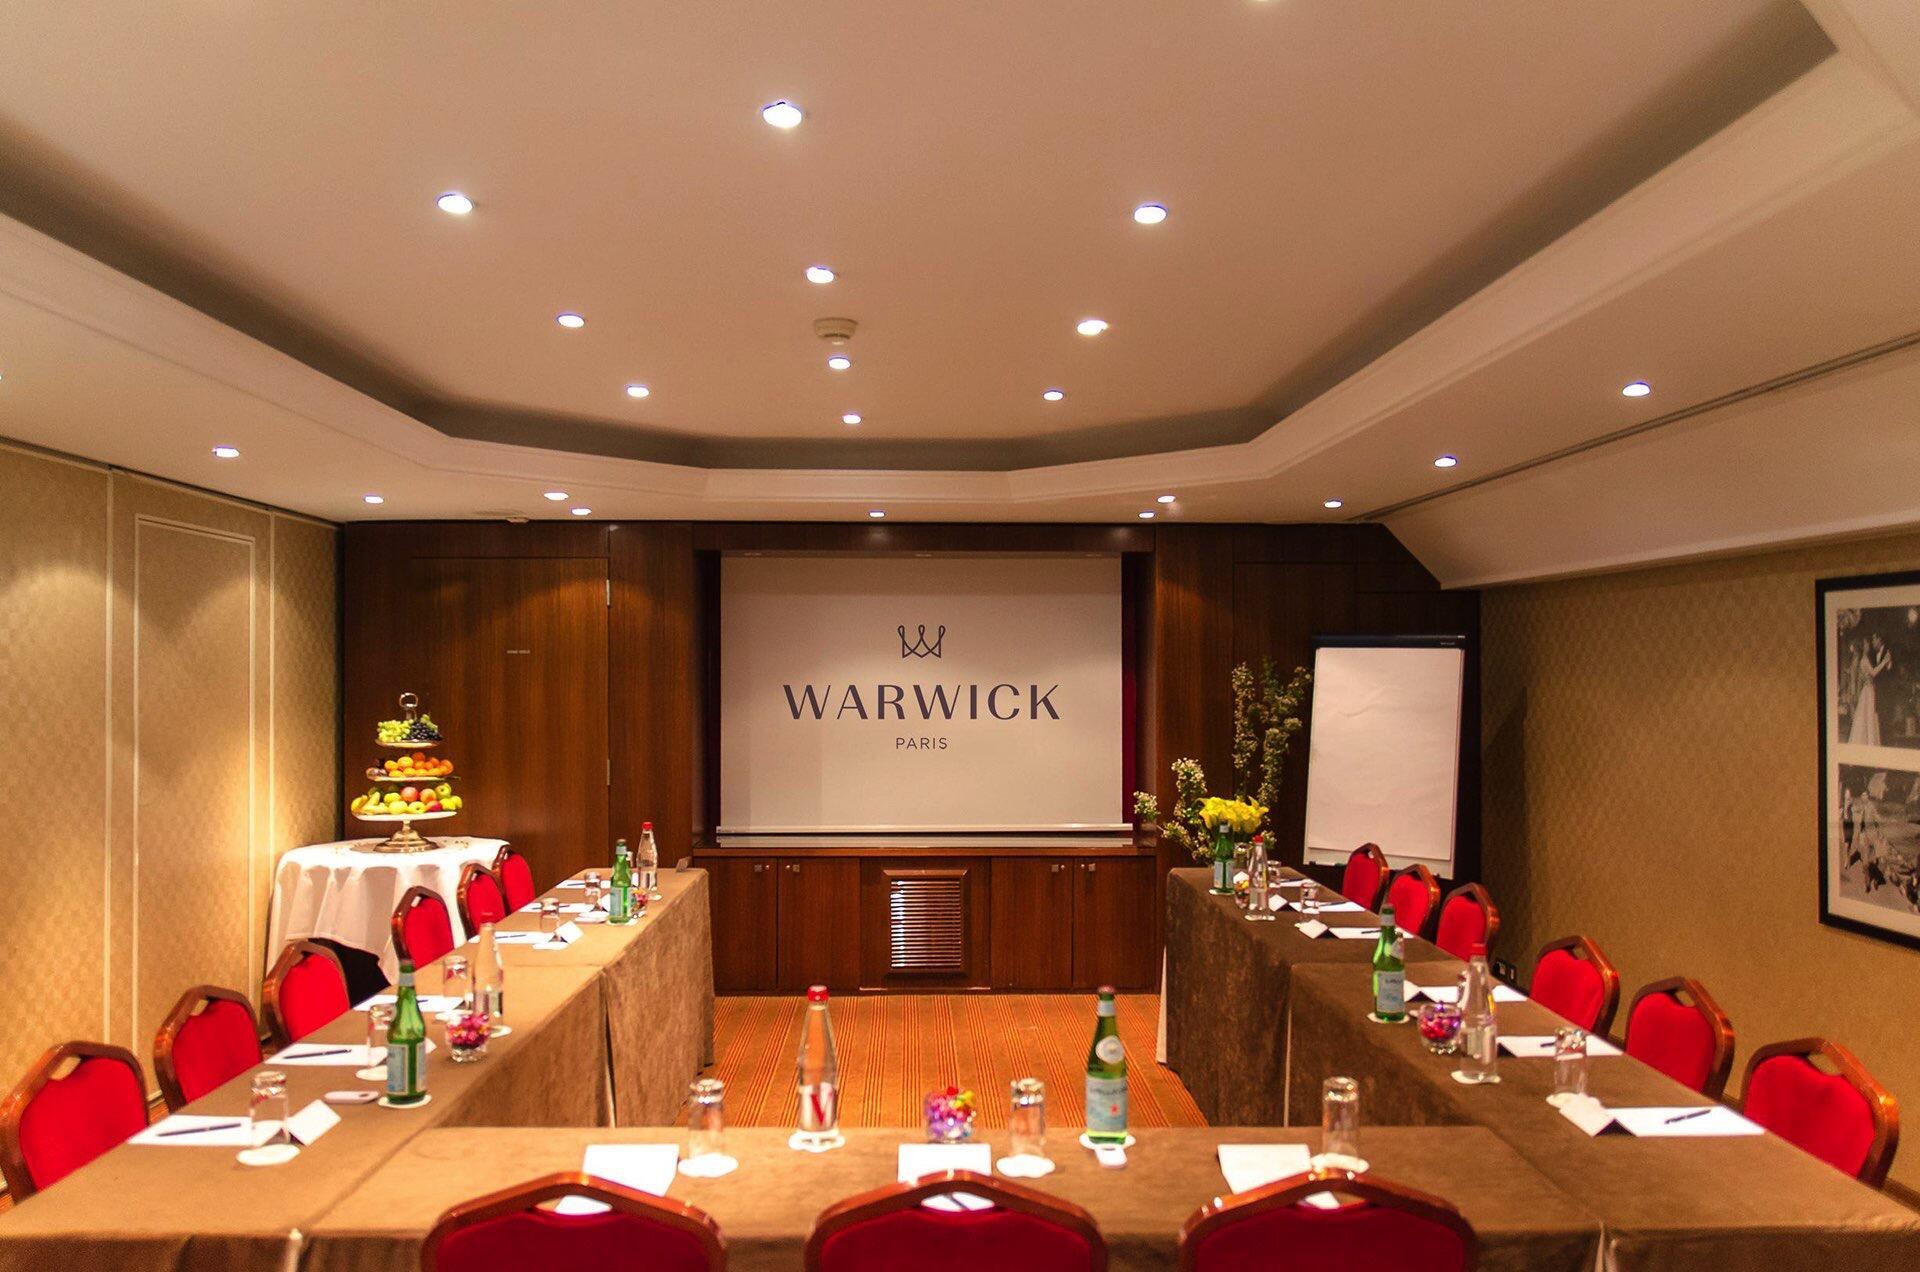 Meeting Room U Setup